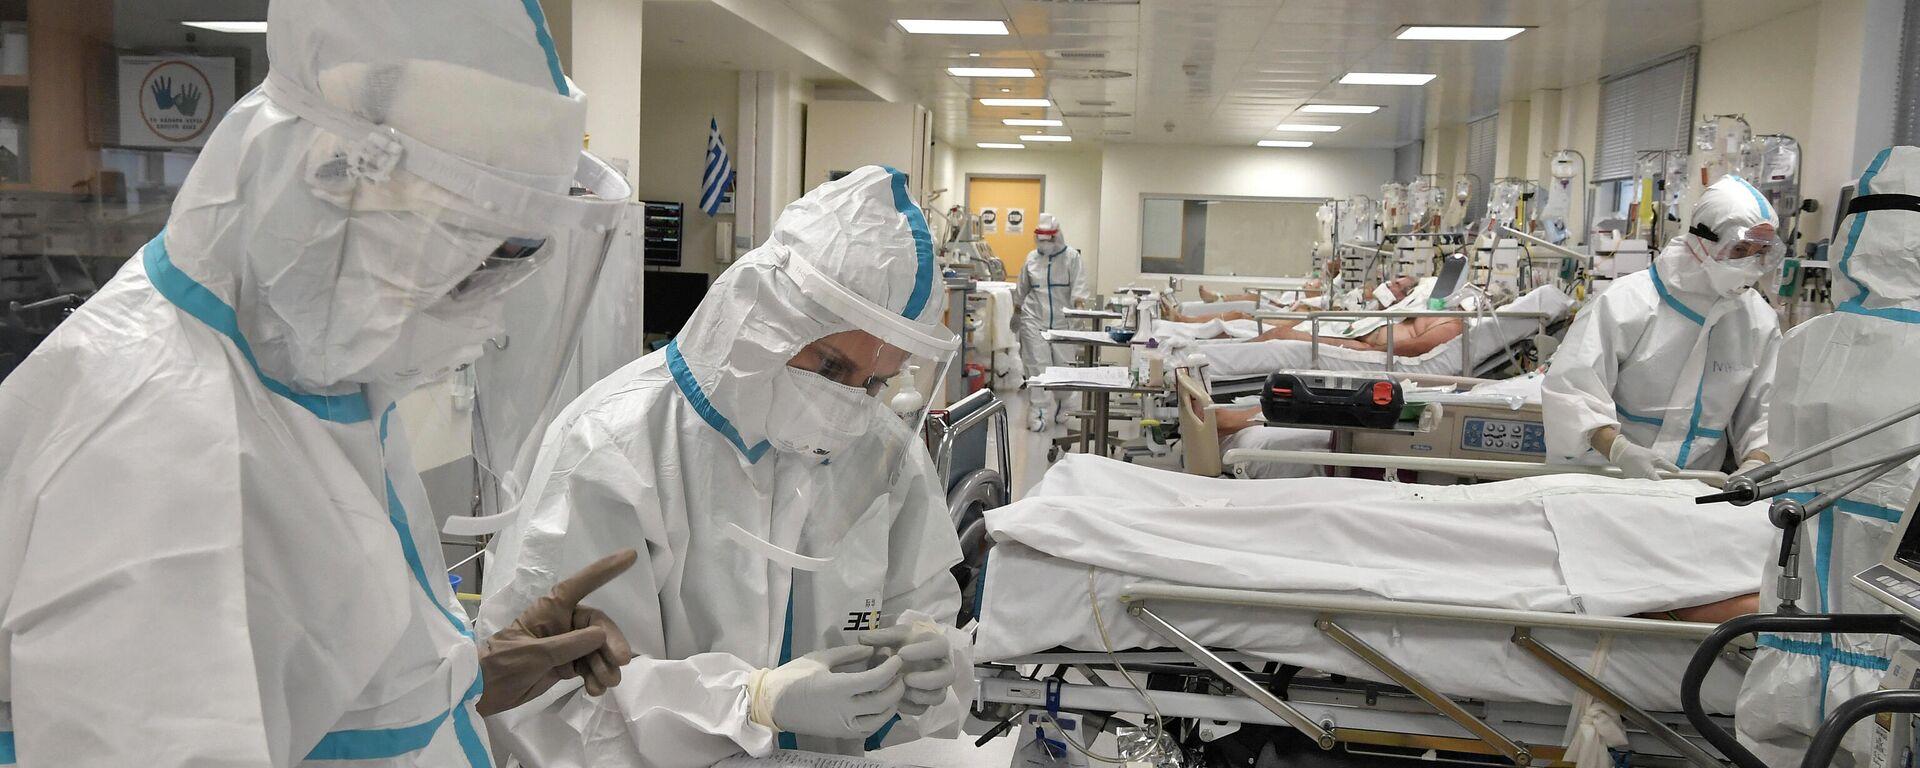 Νοσοκομείο εν μέσω πανδημίας - Sputnik Ελλάδα, 1920, 06.10.2021